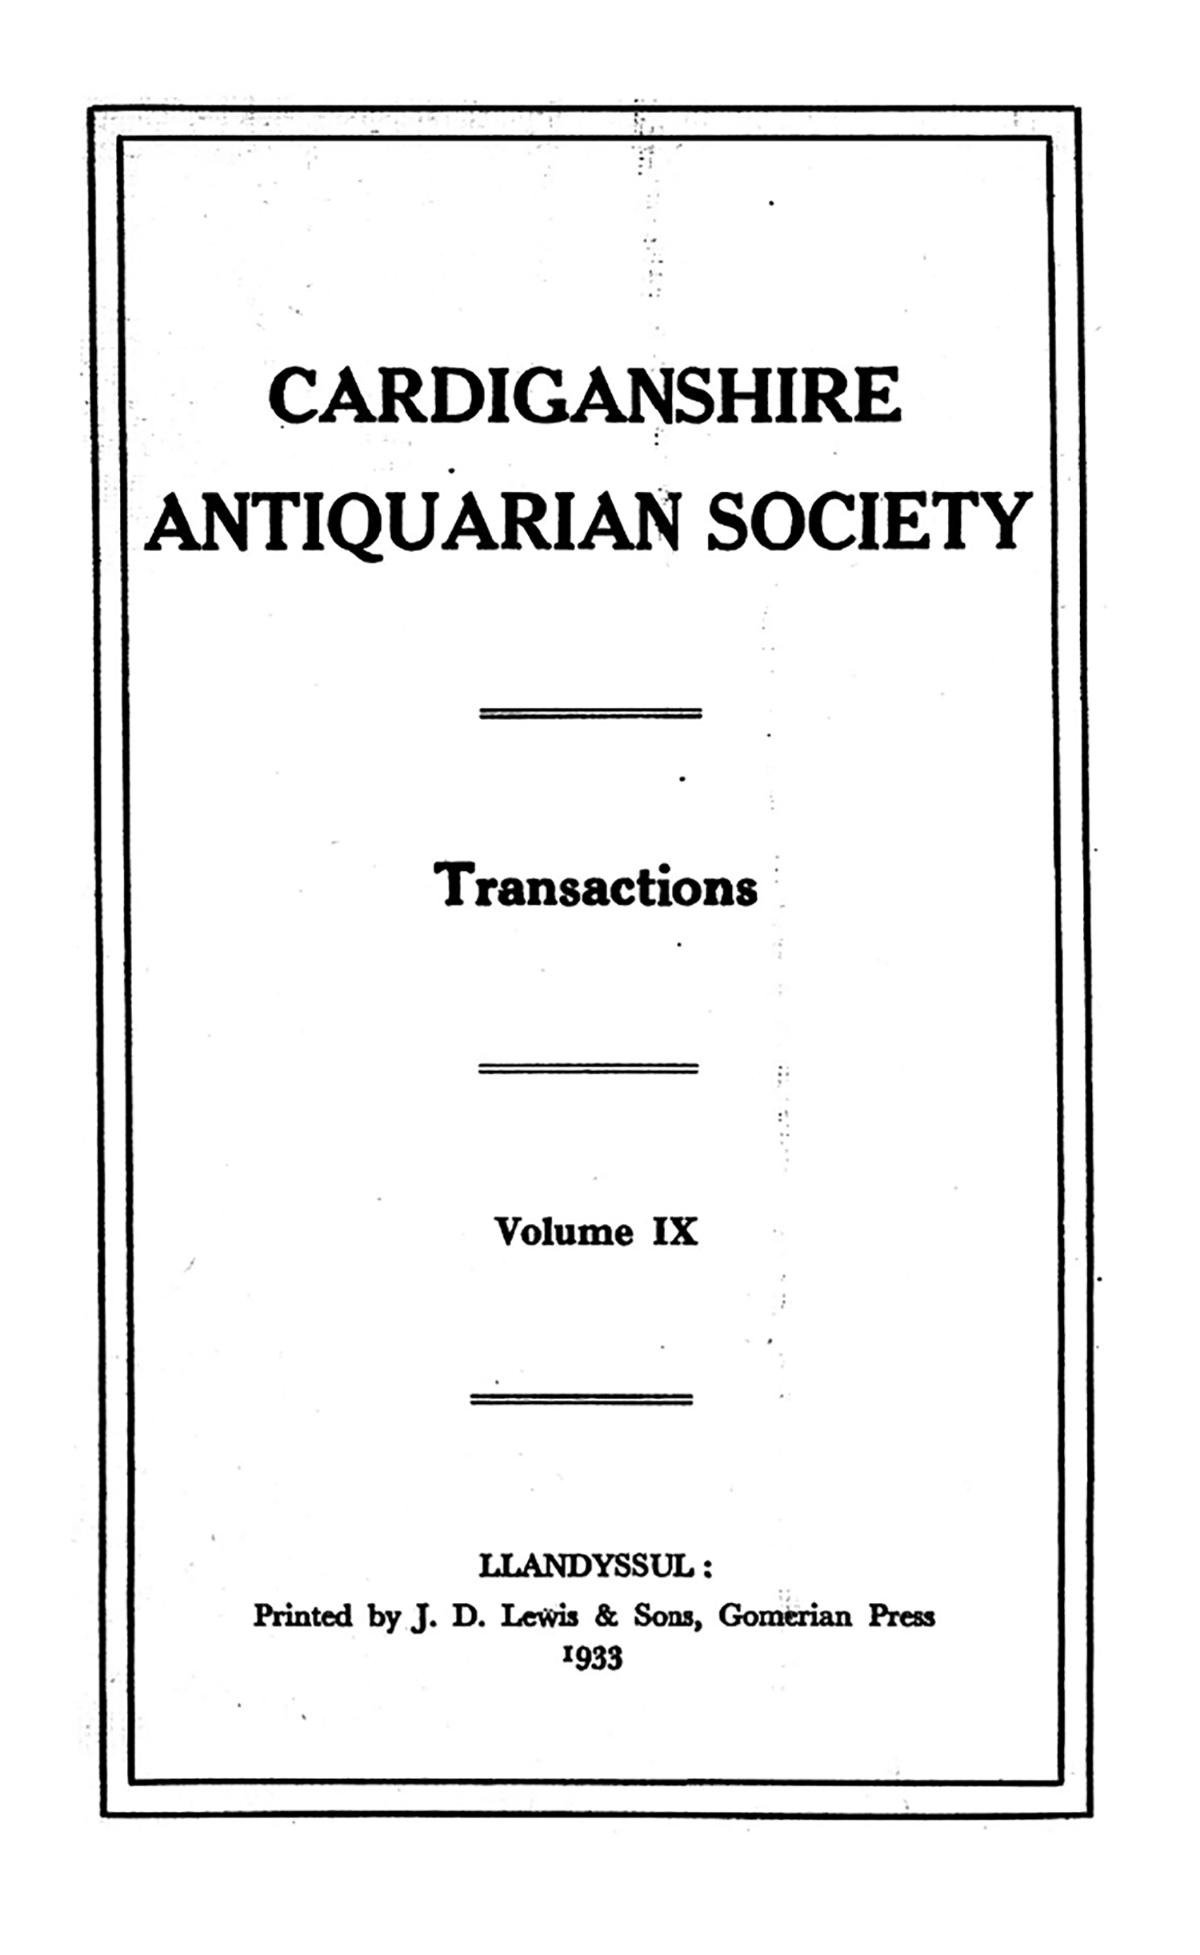 Trafodion Cymdeithas Hynafiaethwyr Sir Aberteifi a Chofnod archeolegol - Cyfrol 9